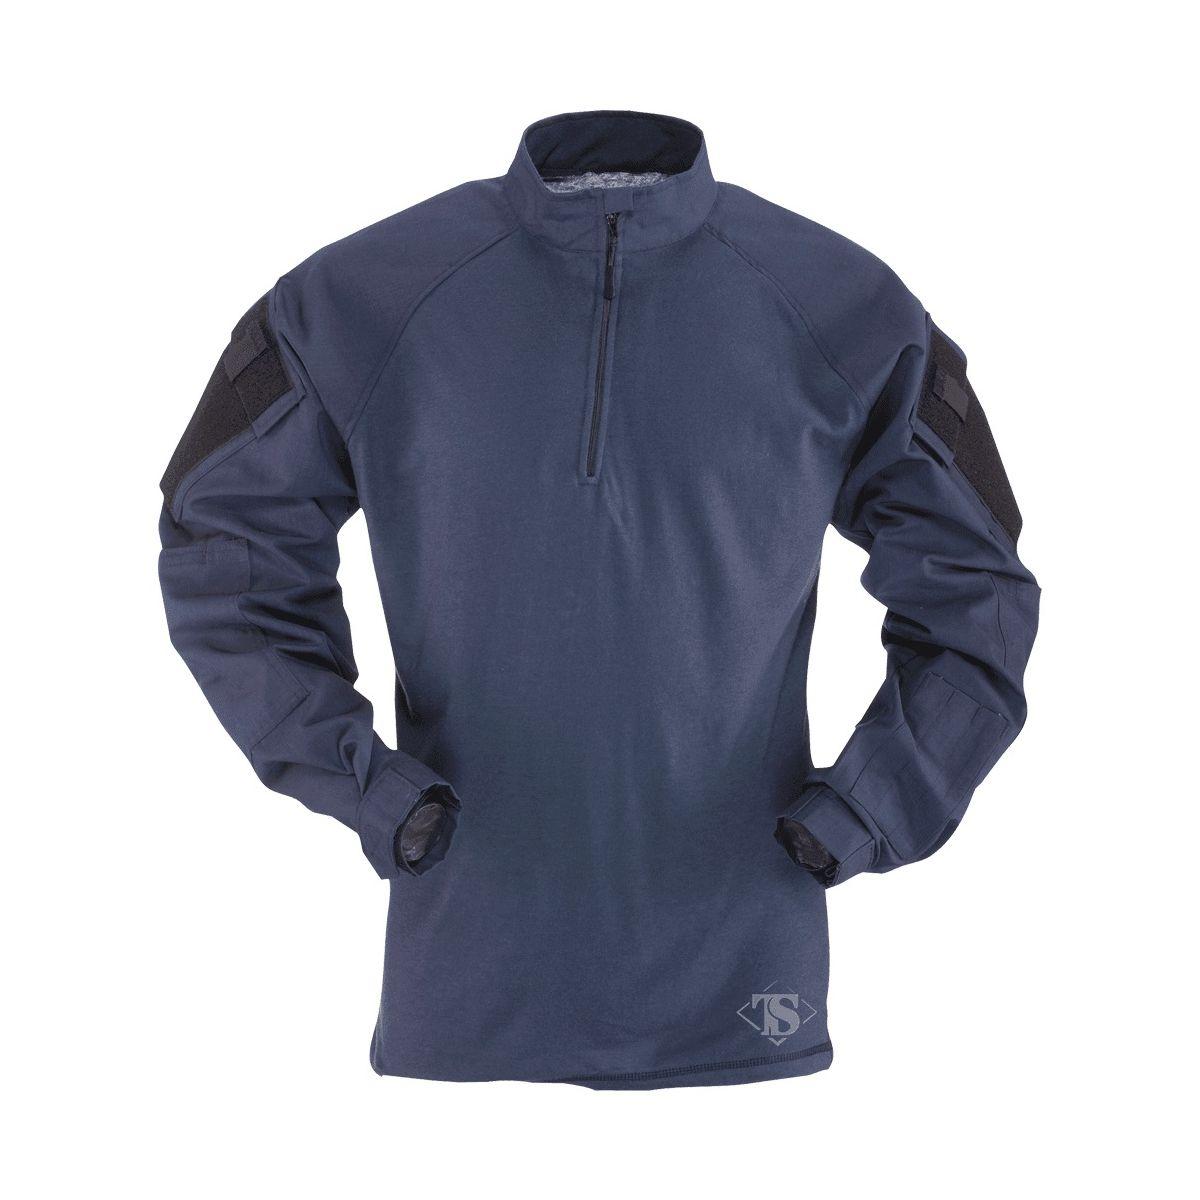 Košile taktická COMBAT TRU 1/4 ZIP MODRÁ (NAVY) TRU-SPEC 25490 L-11